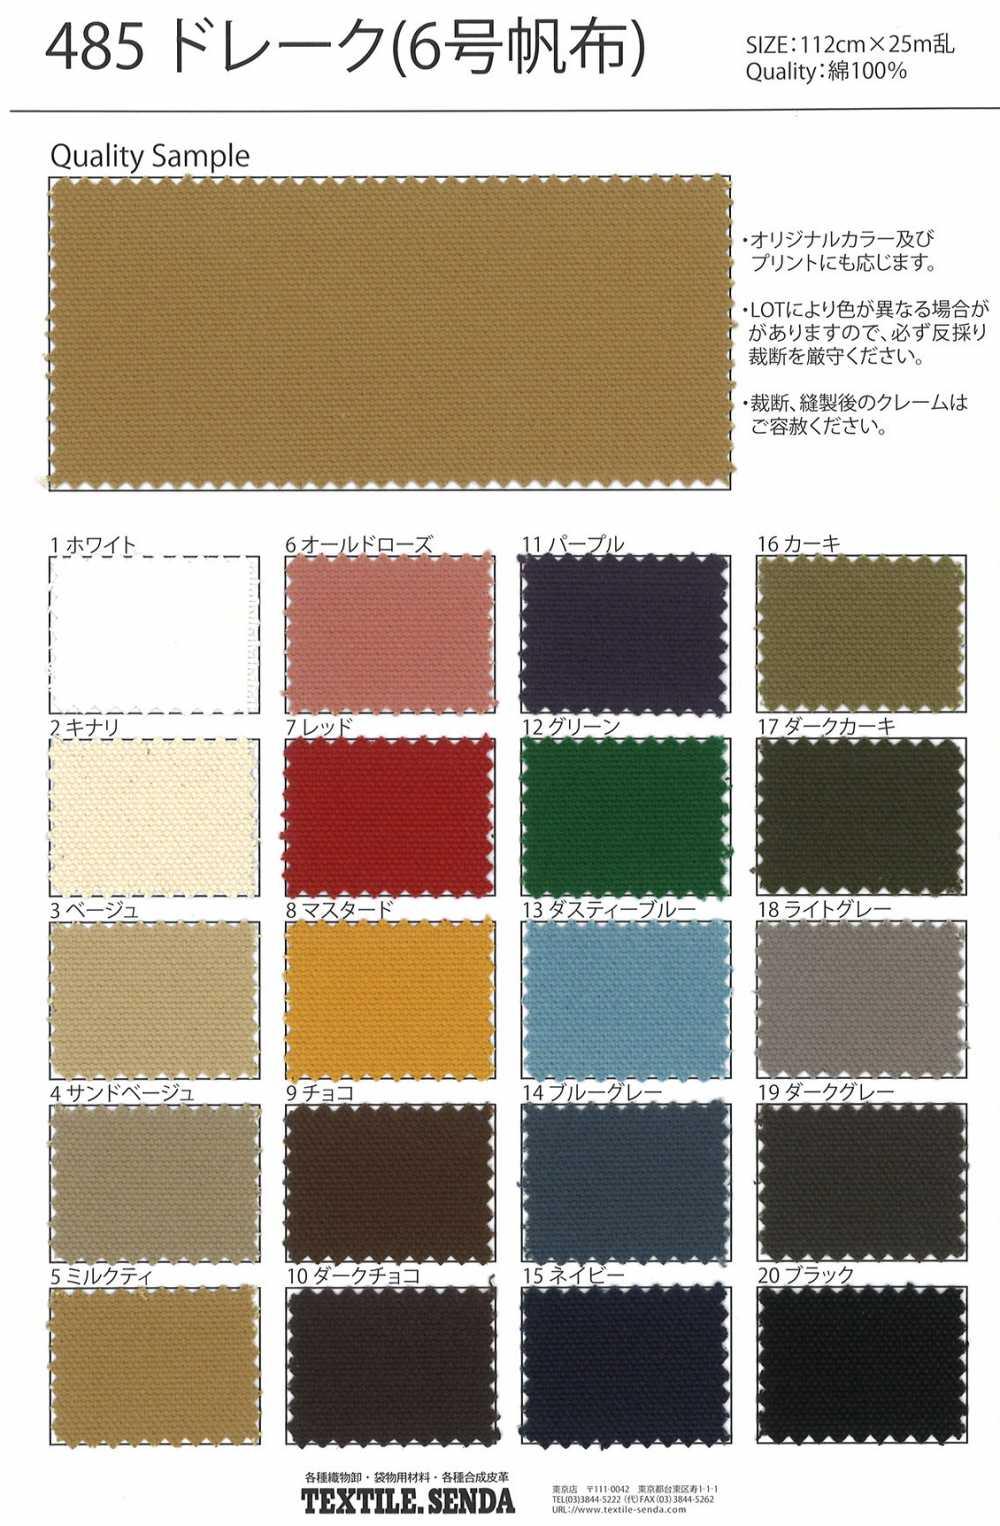 485 ドレーク[生地] 仙田/オークラ商事 - ApparelX アパレル資材卸通販